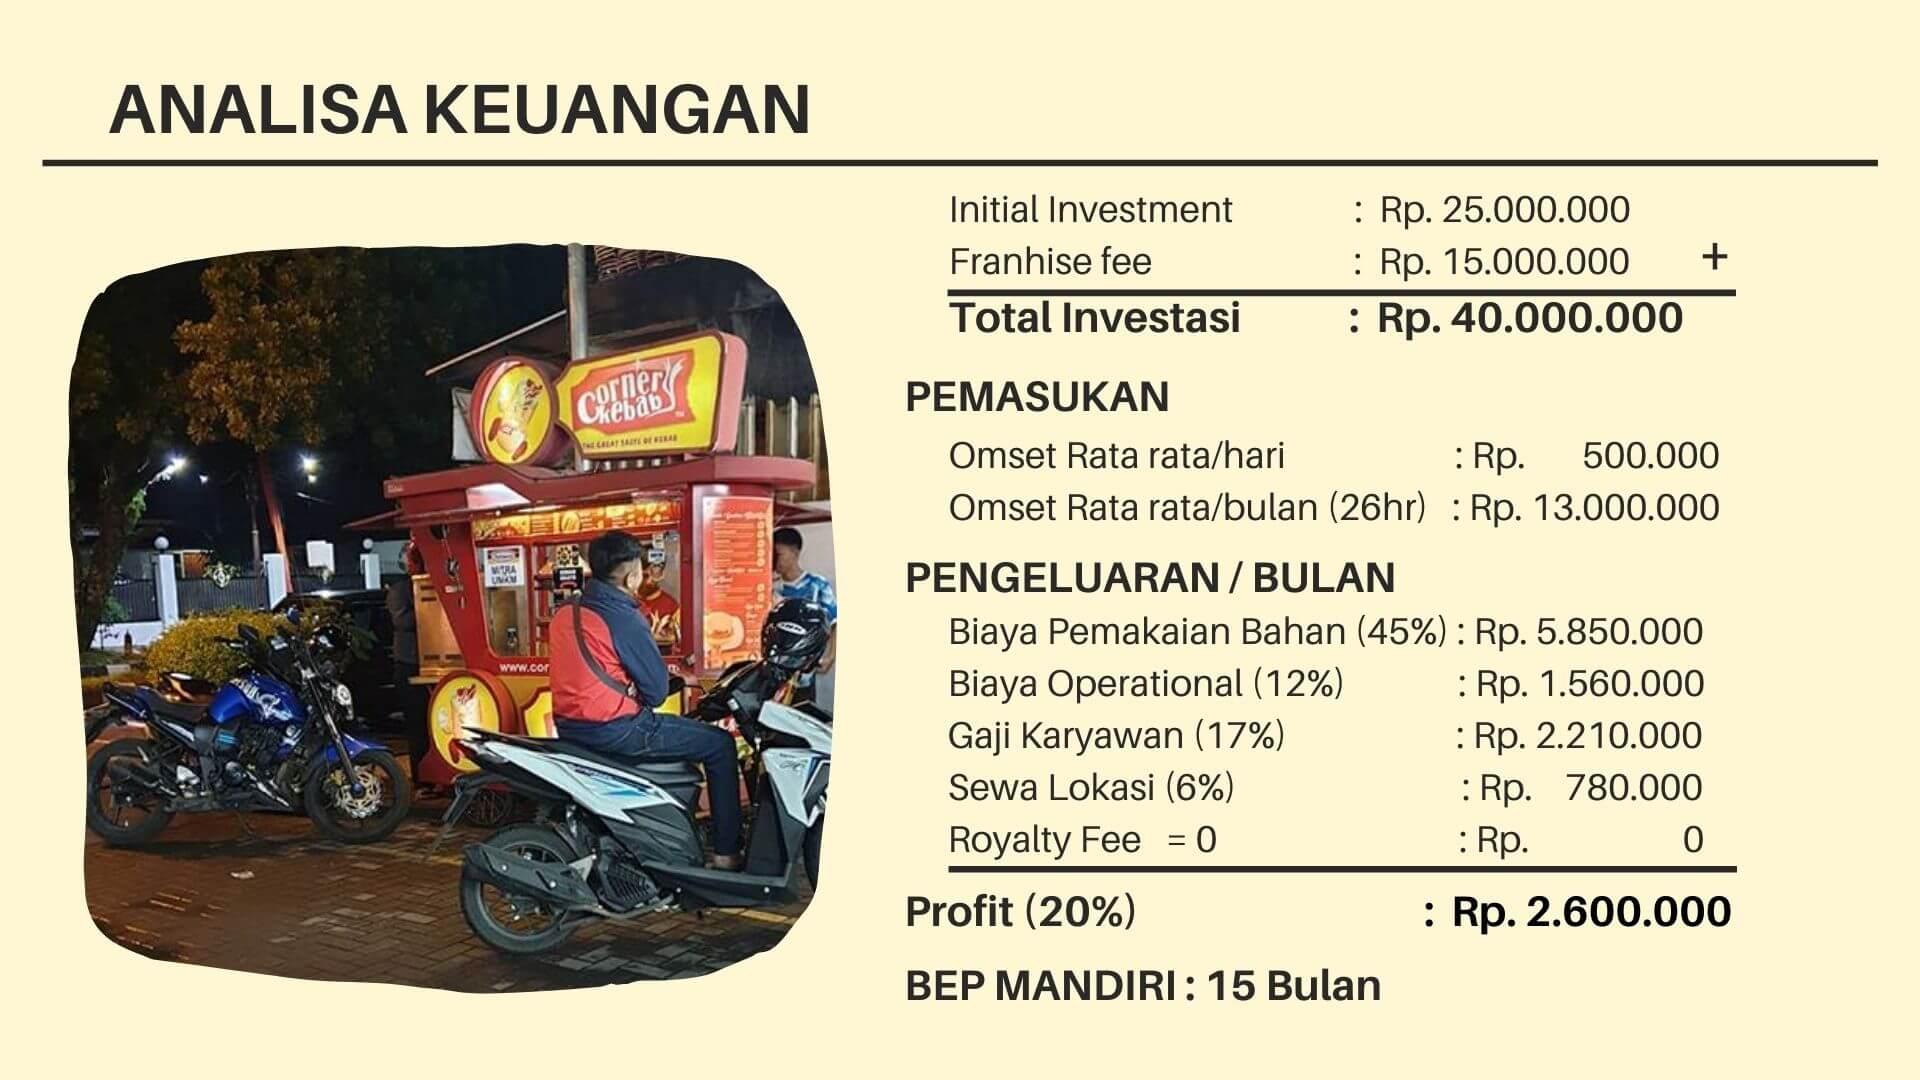 Proyeksi Bisnis corner kebab franchise